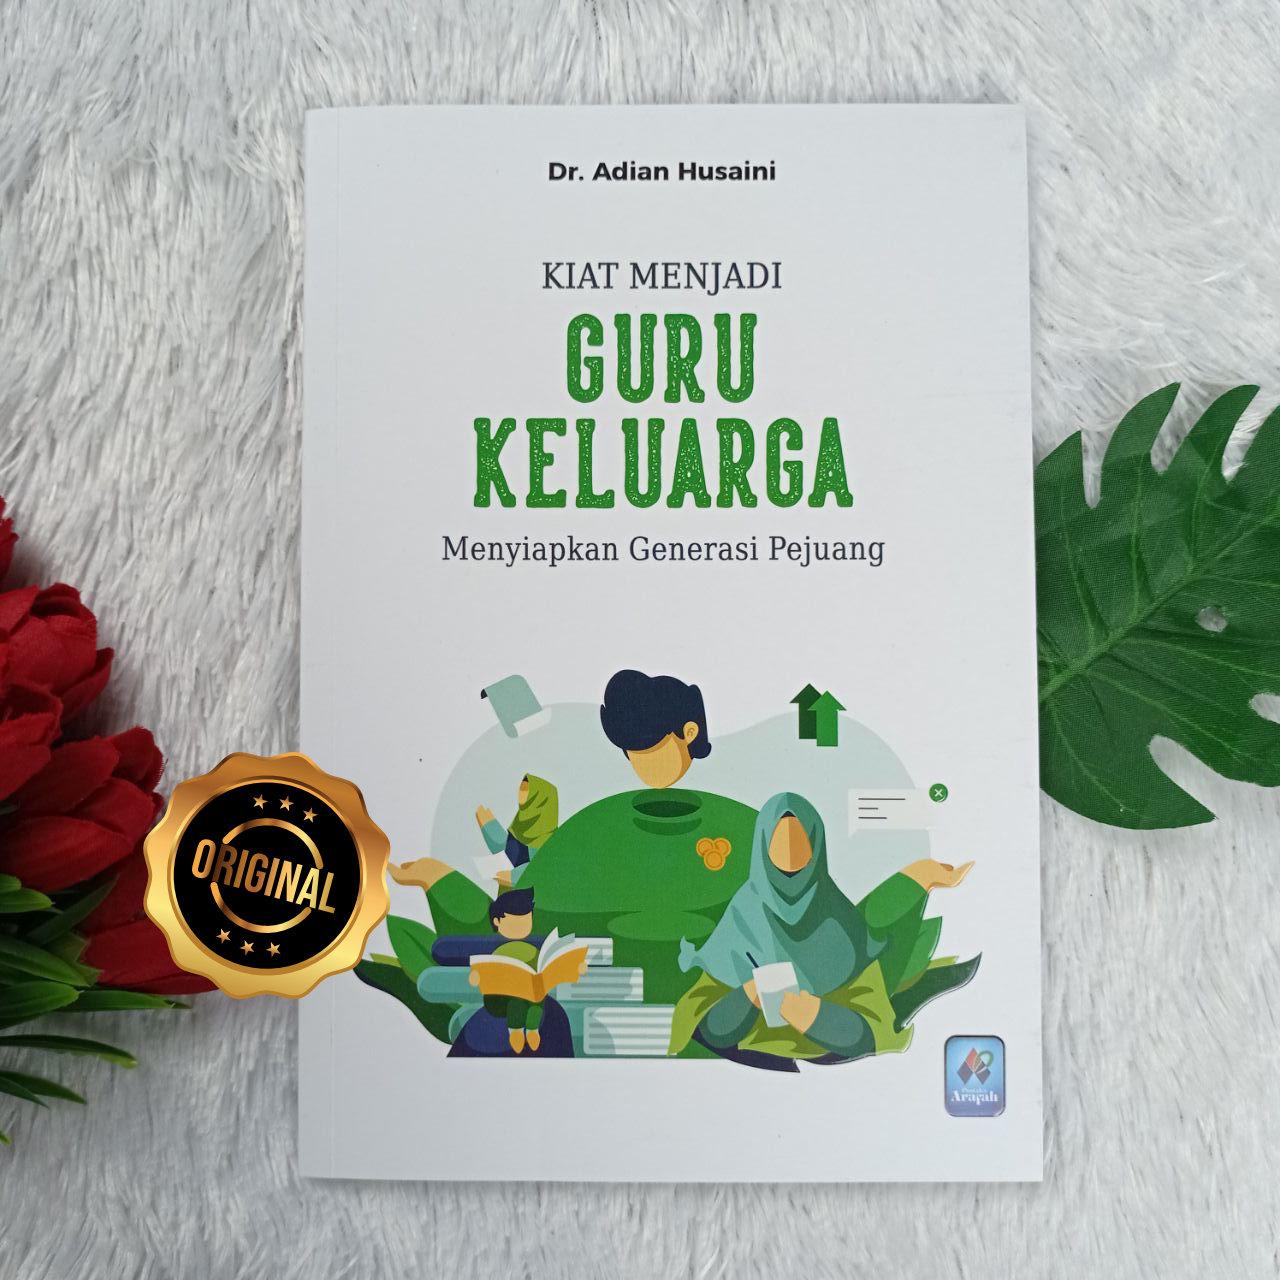 Buku Kiat Menjadi Guru Keluarga Menyiapkan Generasi Pejuang